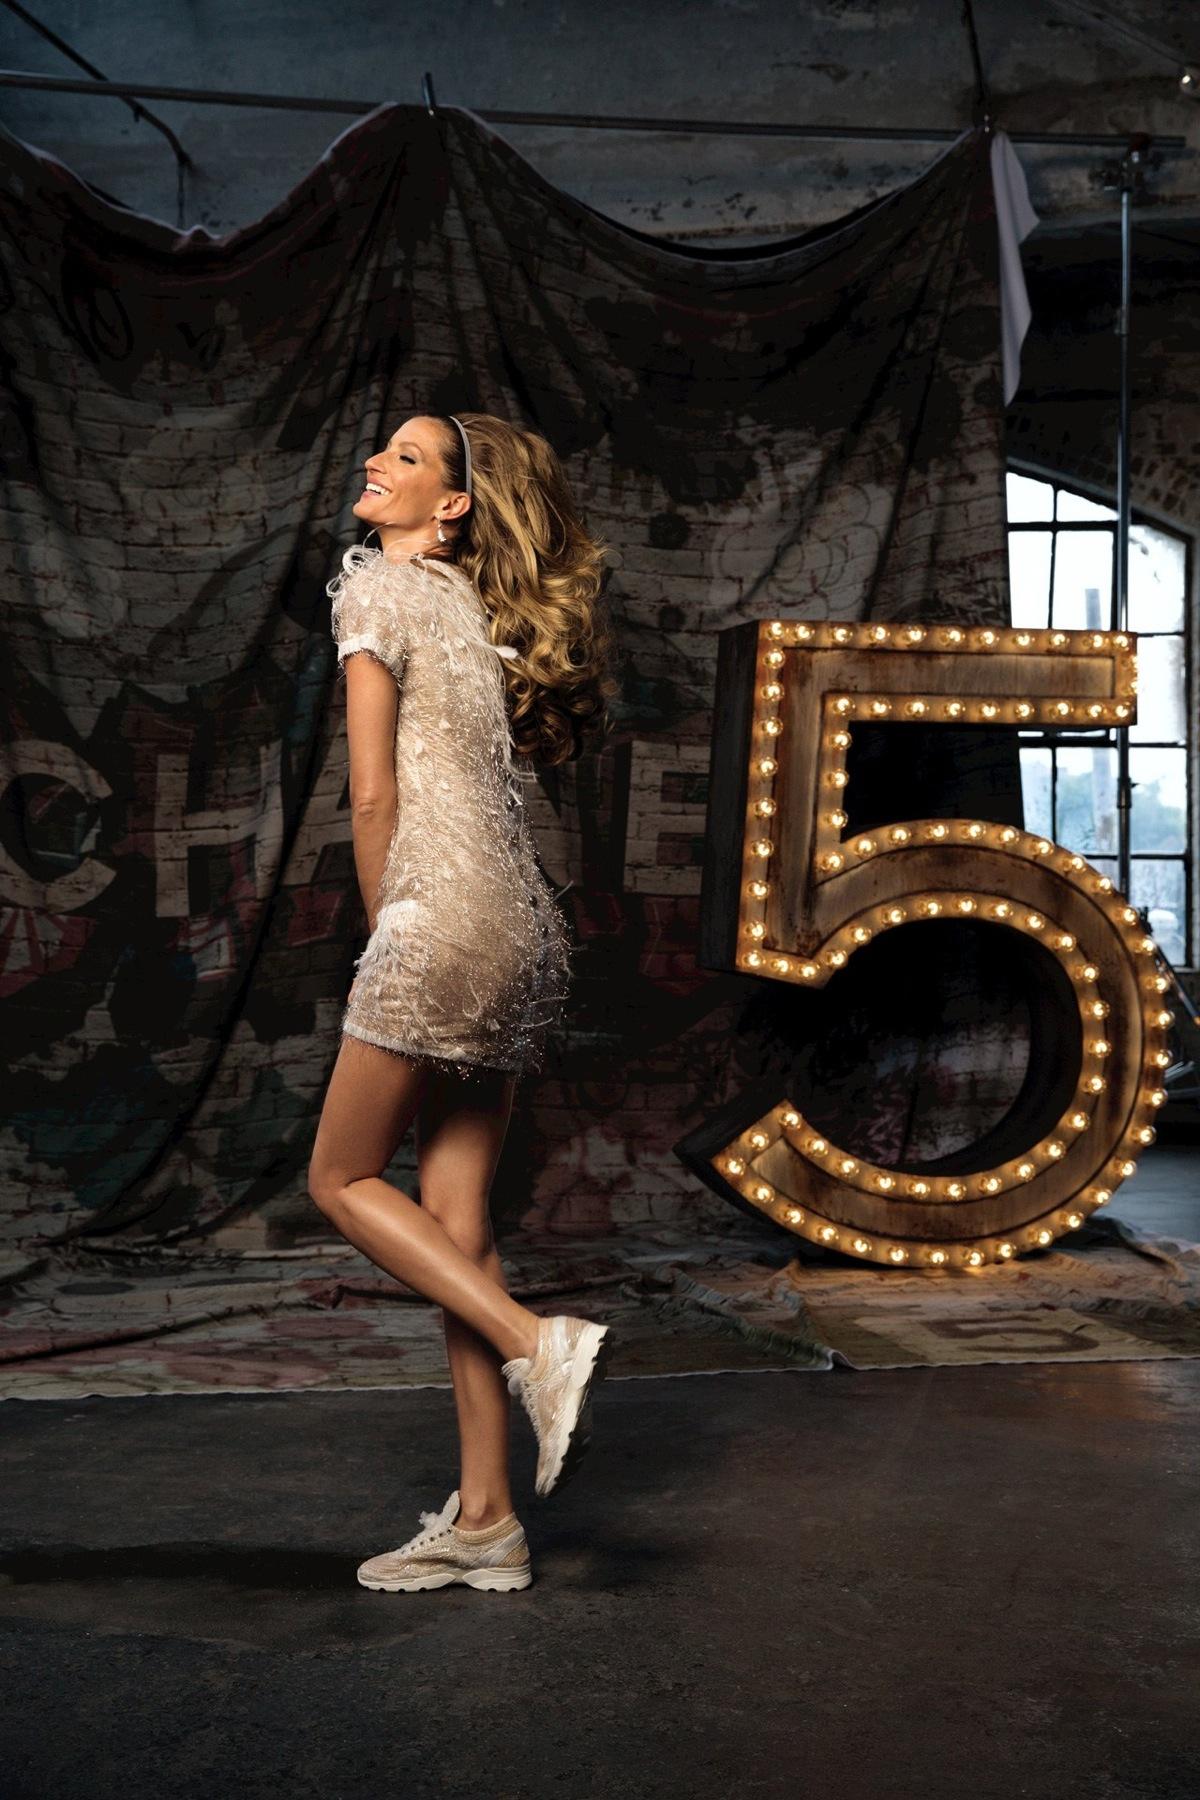 Chanel N 5 Film Featuring Gisele Bundchen 1